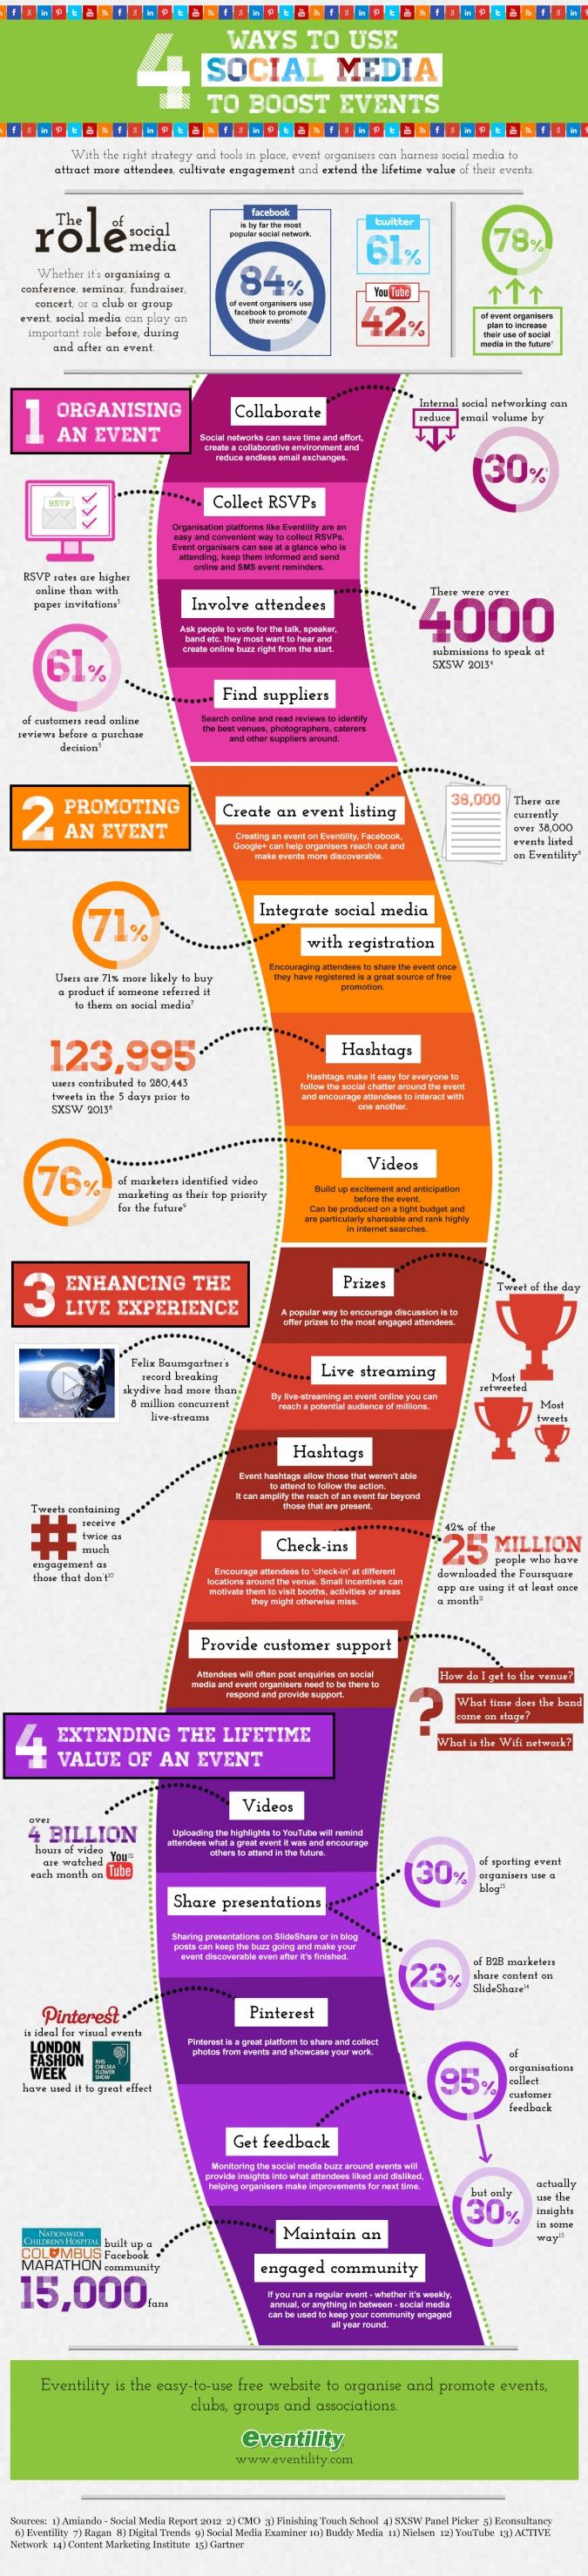 Social Media & Events – 4 Wege, um Social Media Marketing für Events und Veranstaltungen einzusetzen [Infografik]